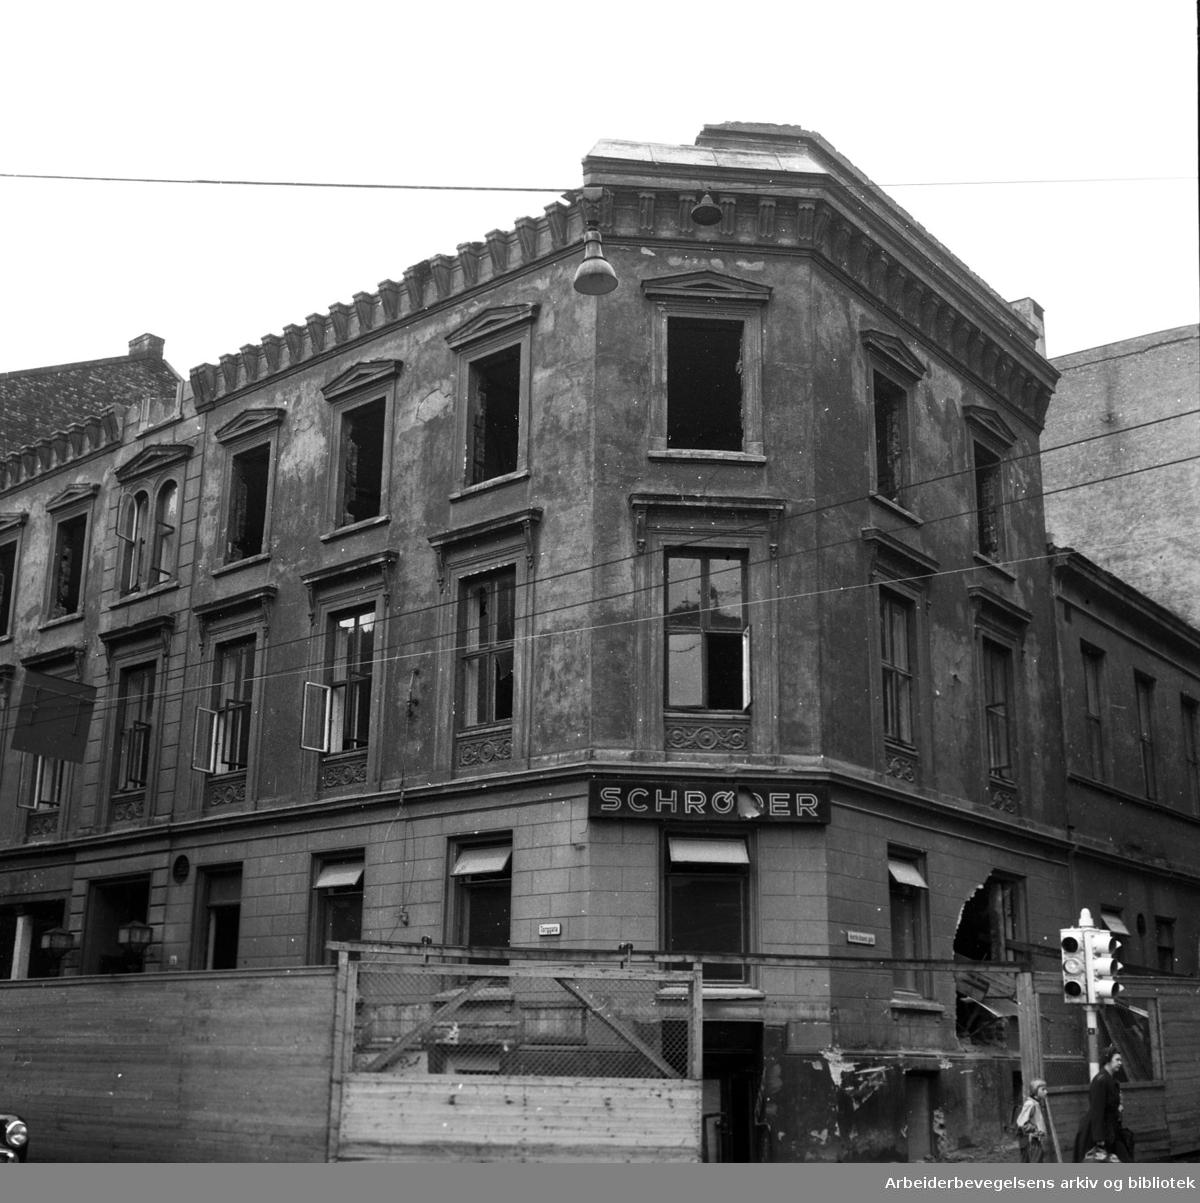 Det gamle Folkets Hus rives..Torggata 14 (Oslo Arbeidersamfund med Schrøder) rives,.september 1954